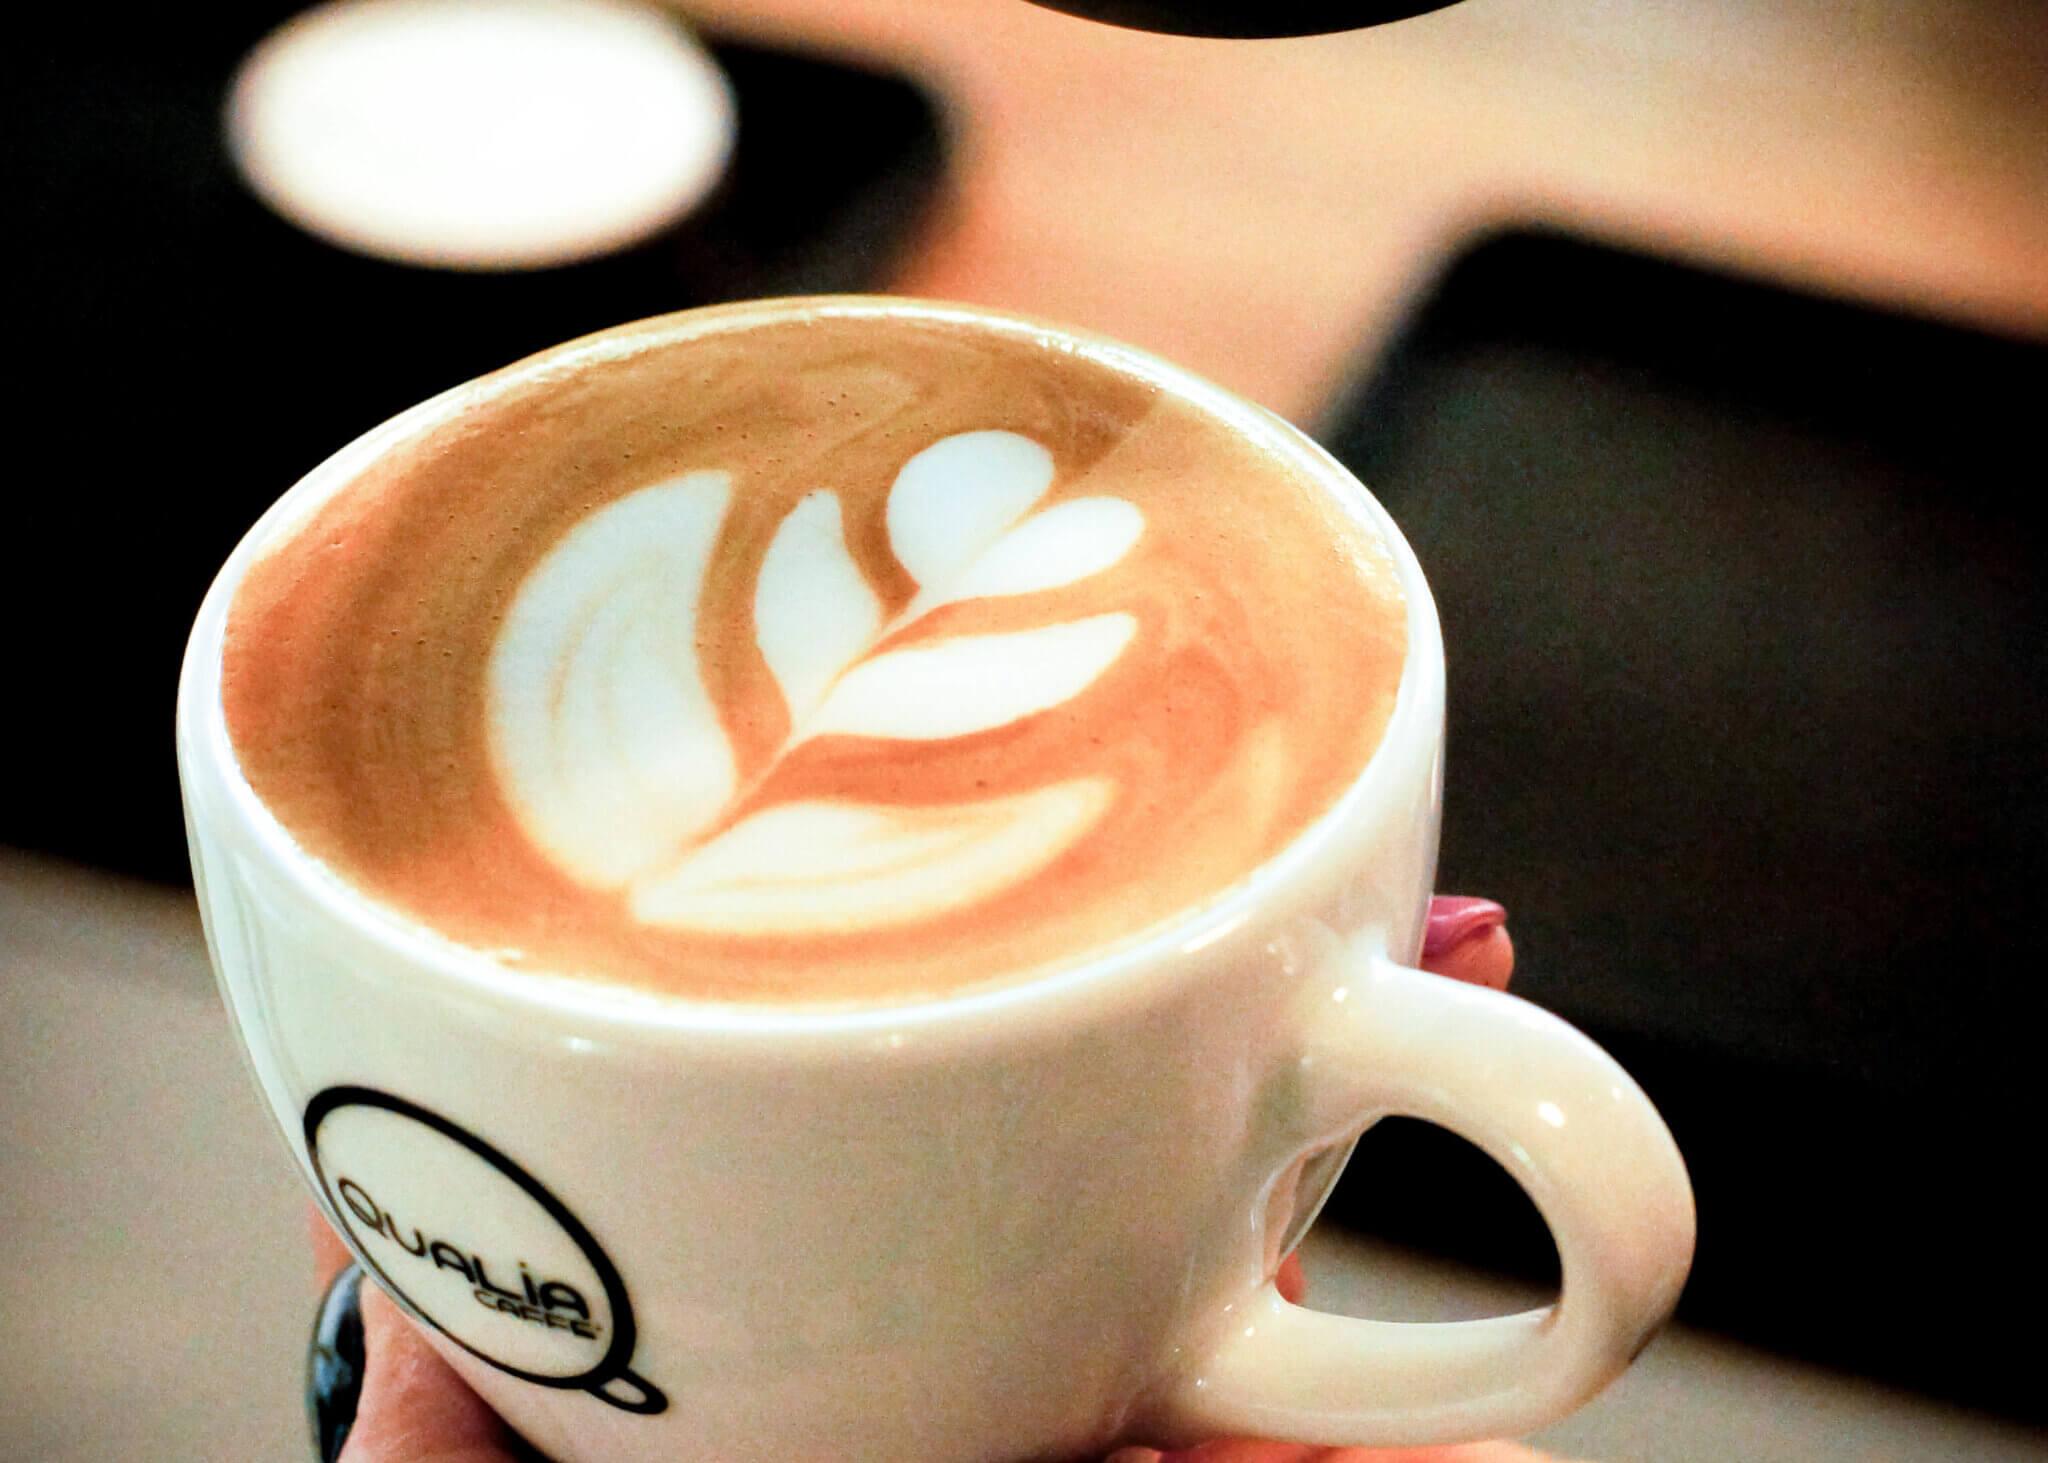 Qualia Caffe aromatyczna kawa w Twoim lokalu